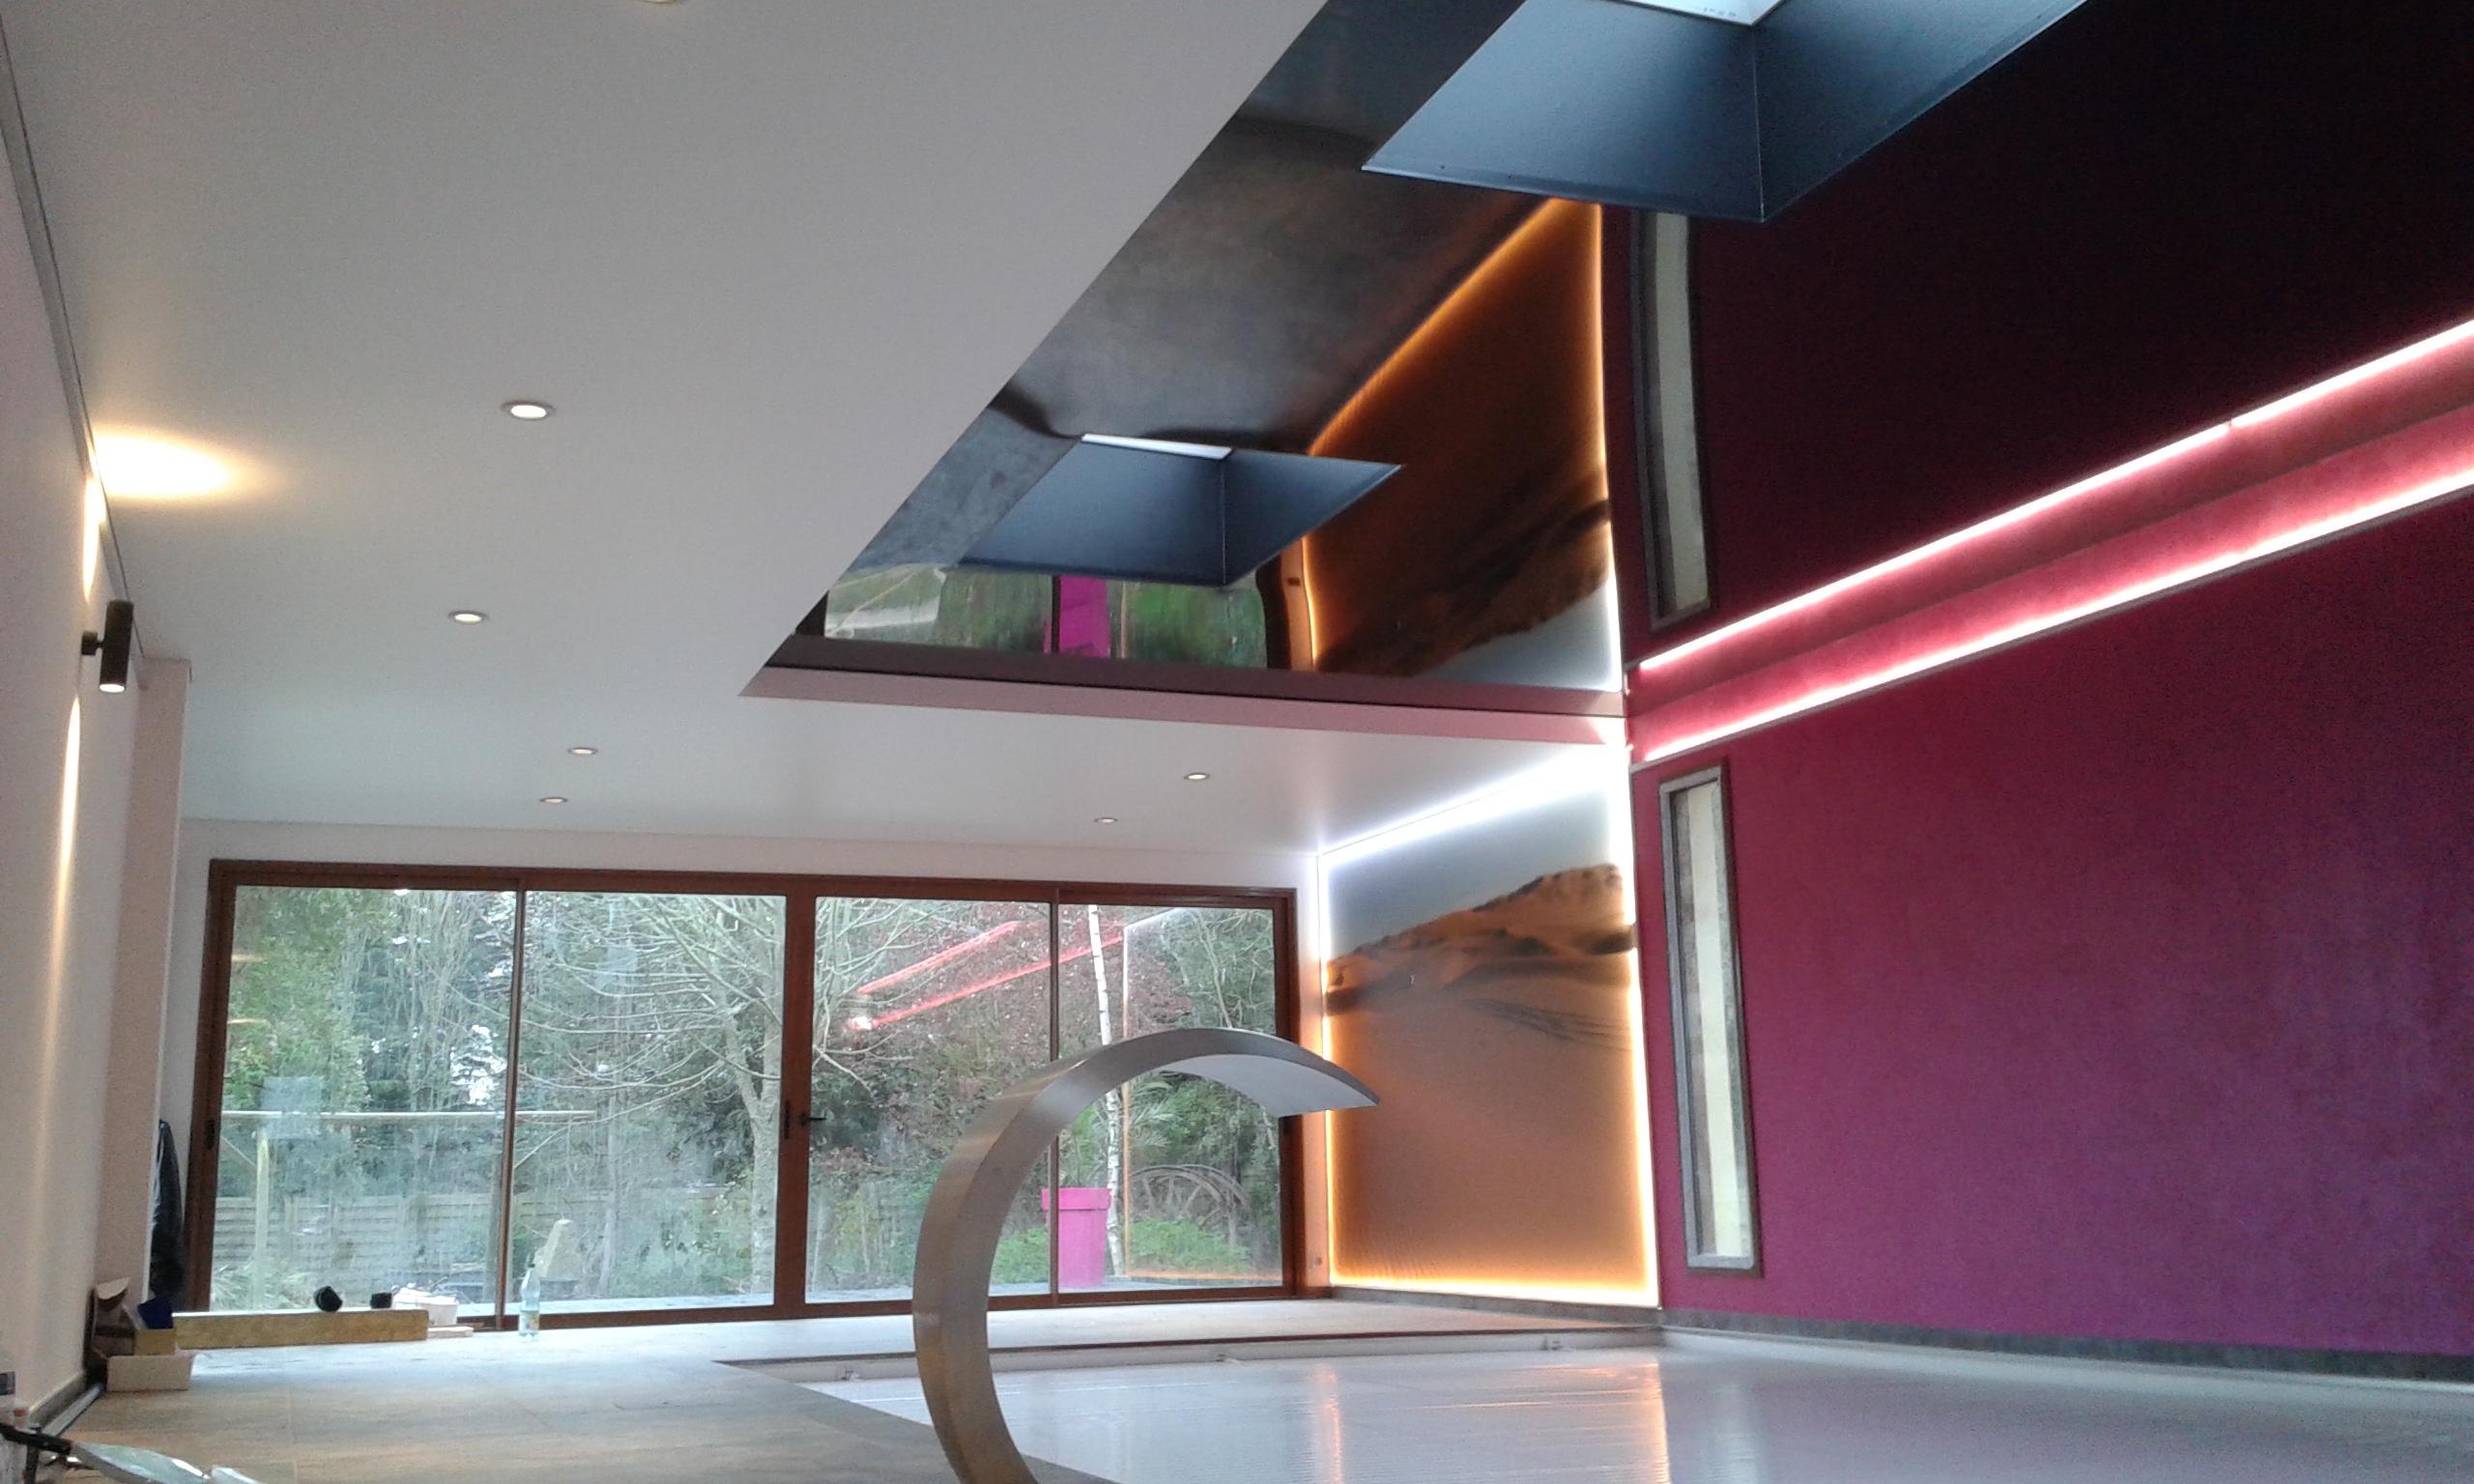 Ralisations Plafond Tendu Peinture Frehel Deco